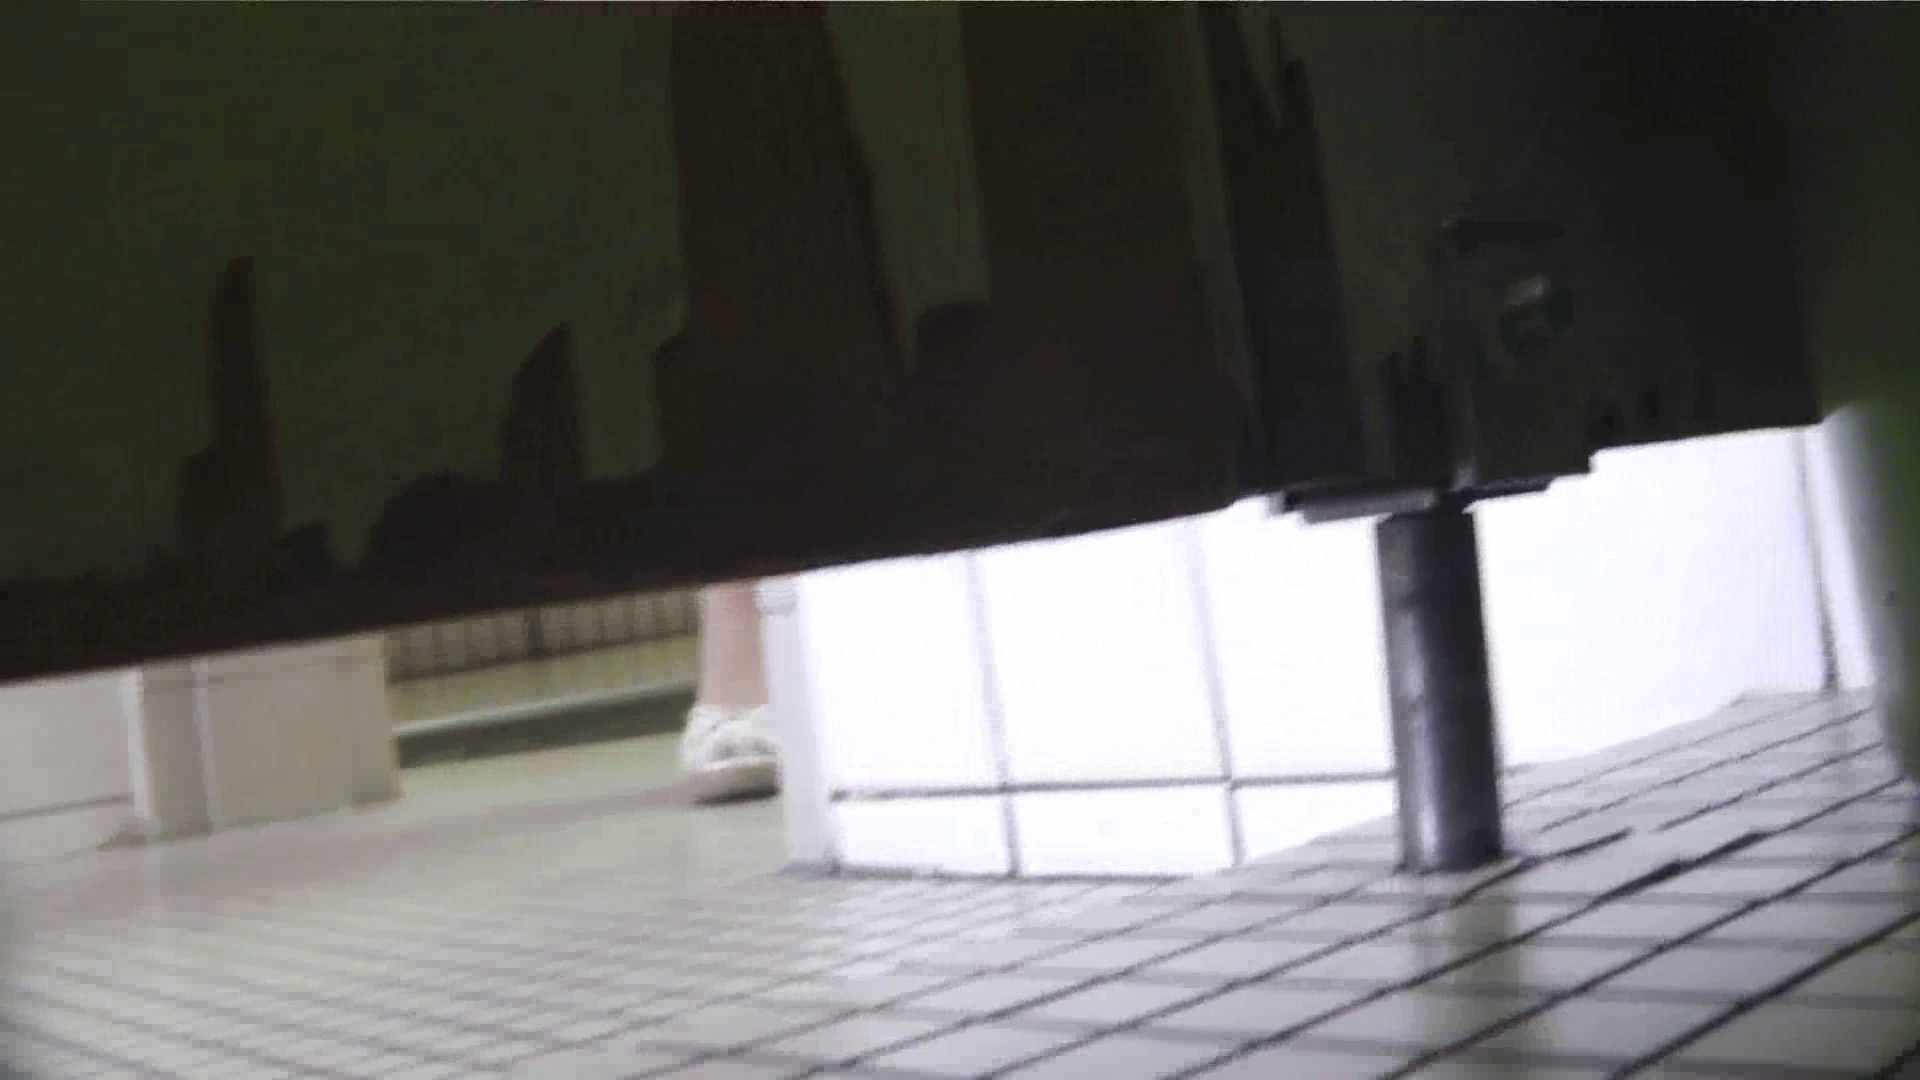 【美しき個室な世界】 vol.025 メガネ属性ヾ(´∀`)ノ 洗面所 AV動画キャプチャ 94pic 92